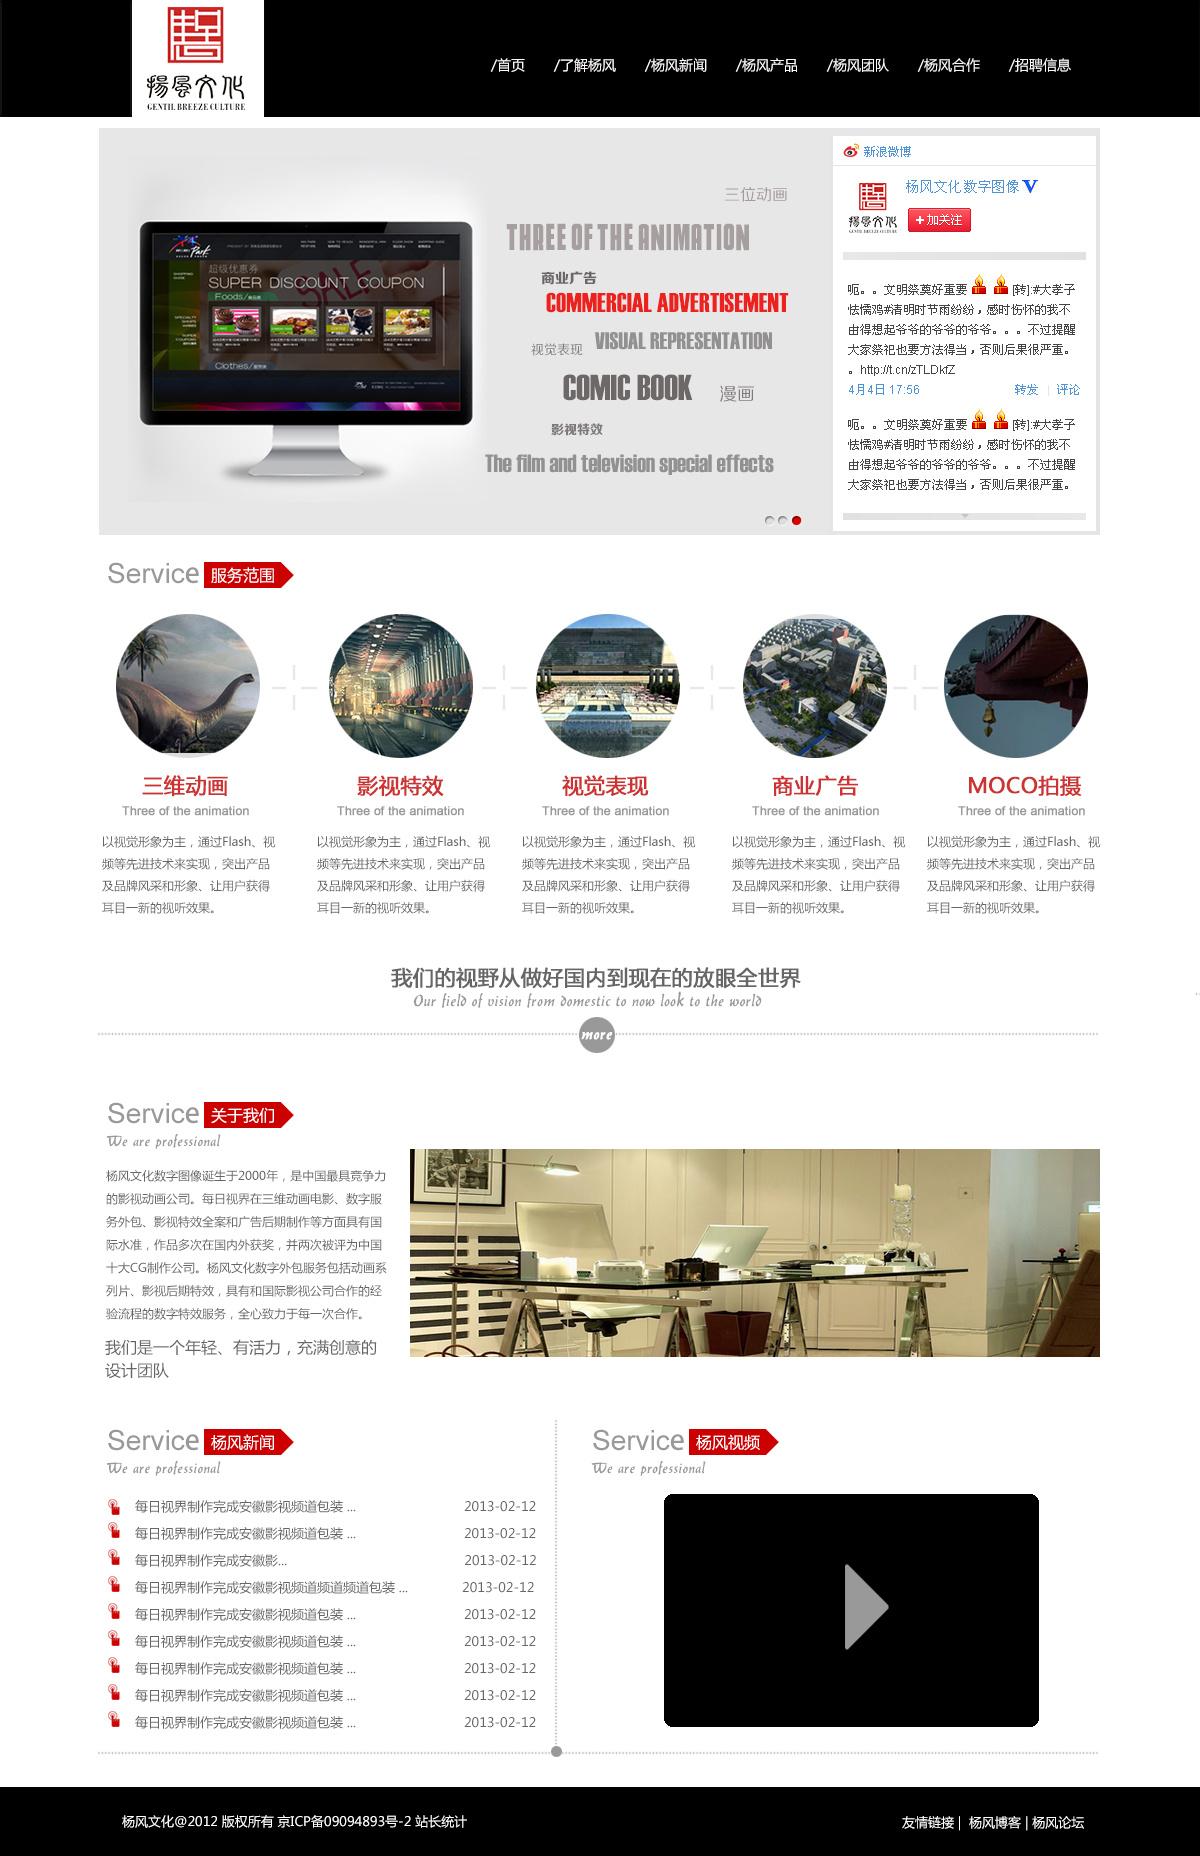 杨风网页 文化 男孩官网 天水企业-原创设计永安竹家具大赛图片